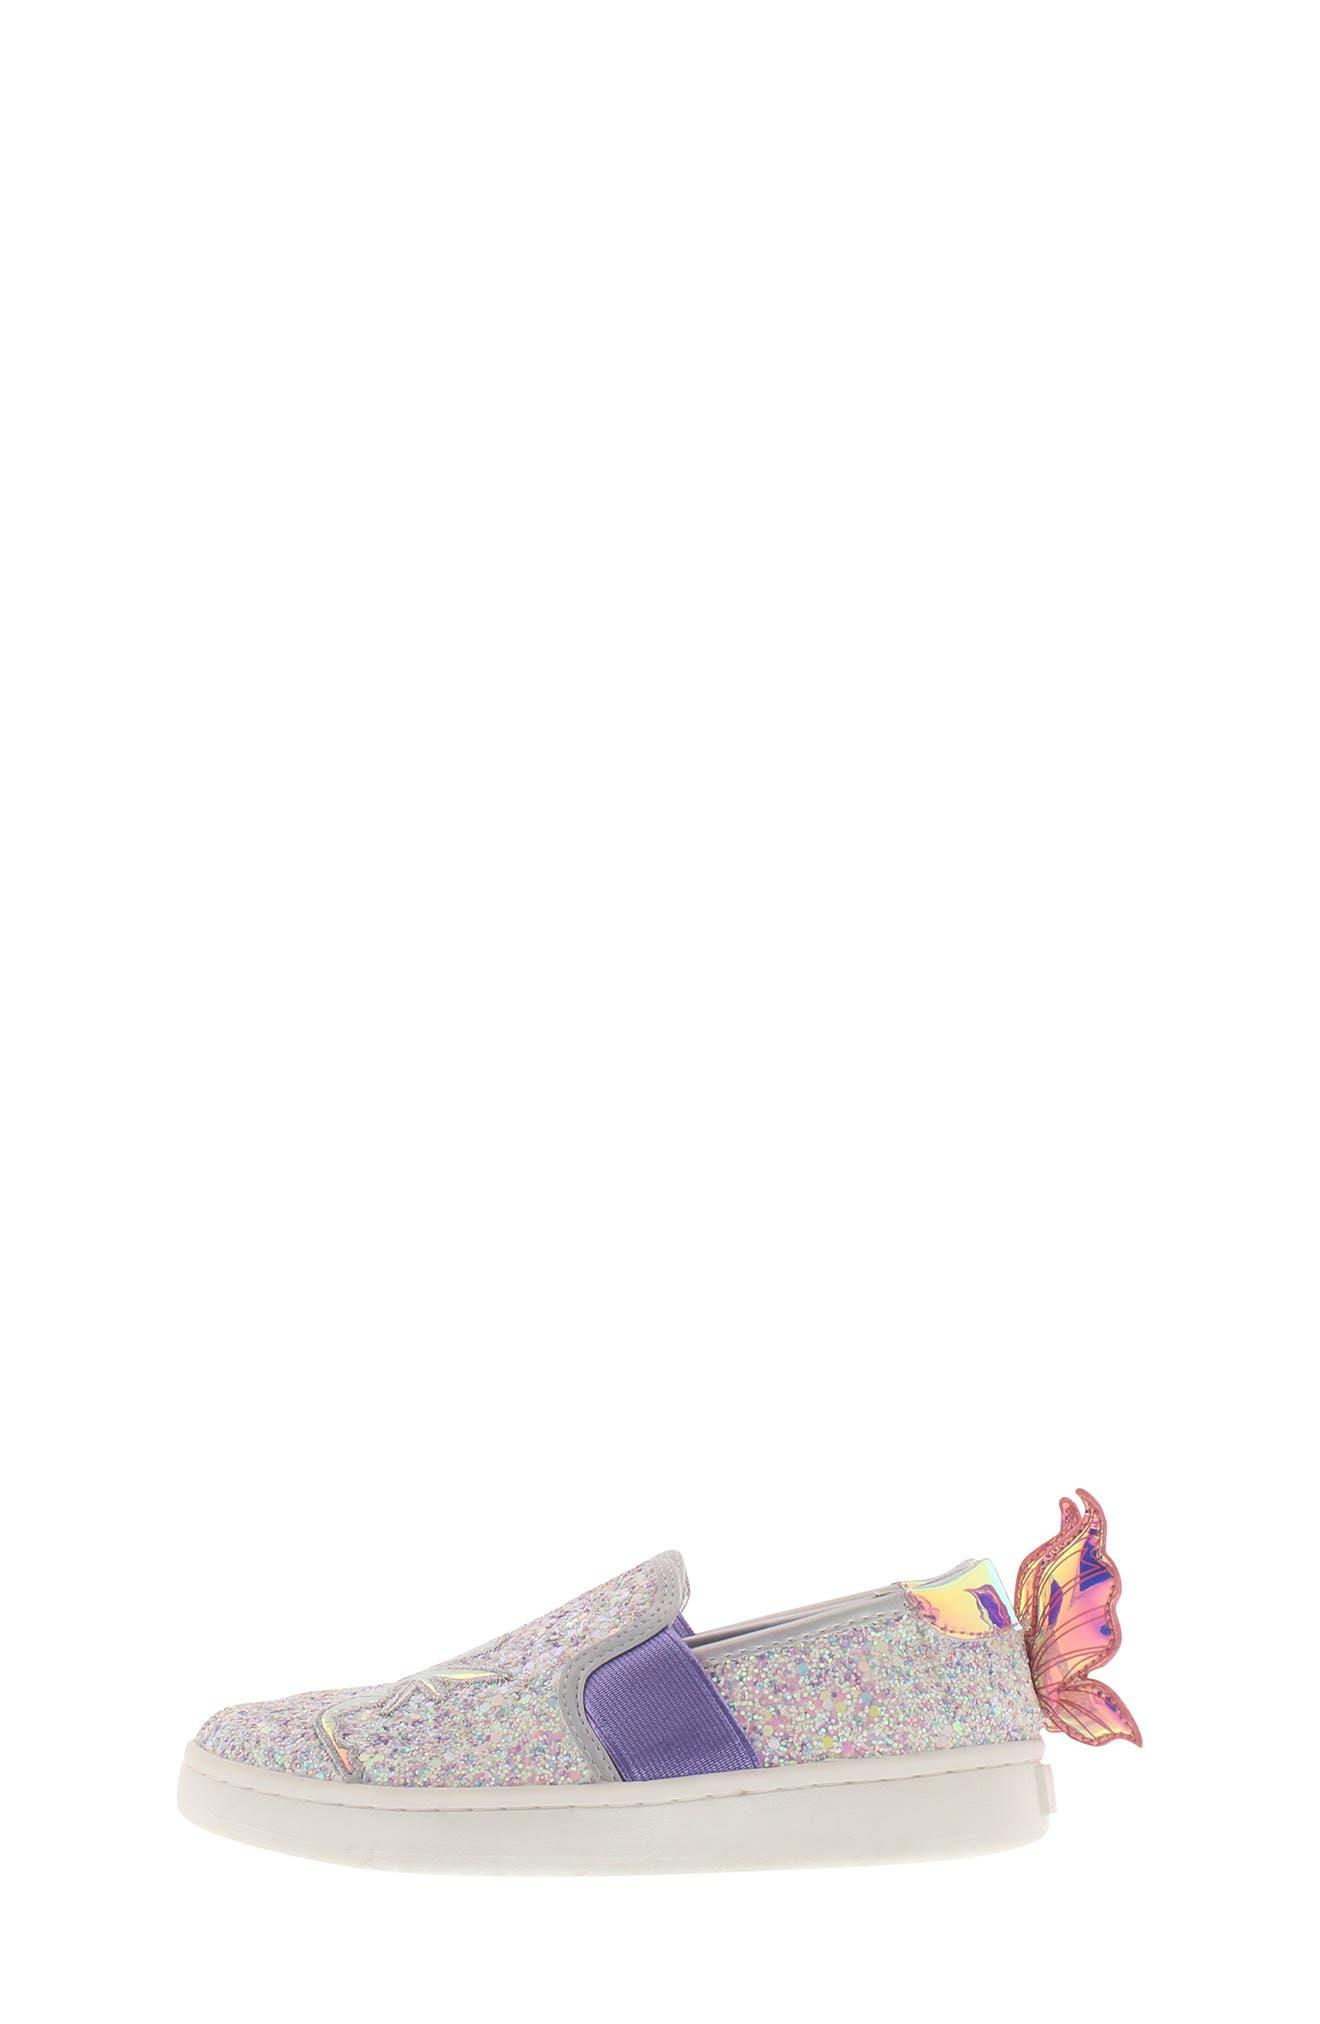 SAM EDELMAN, Blake Lina Fairy Glitter Slip-On Sneaker, Alternate thumbnail 8, color, PINK/ PURPLE